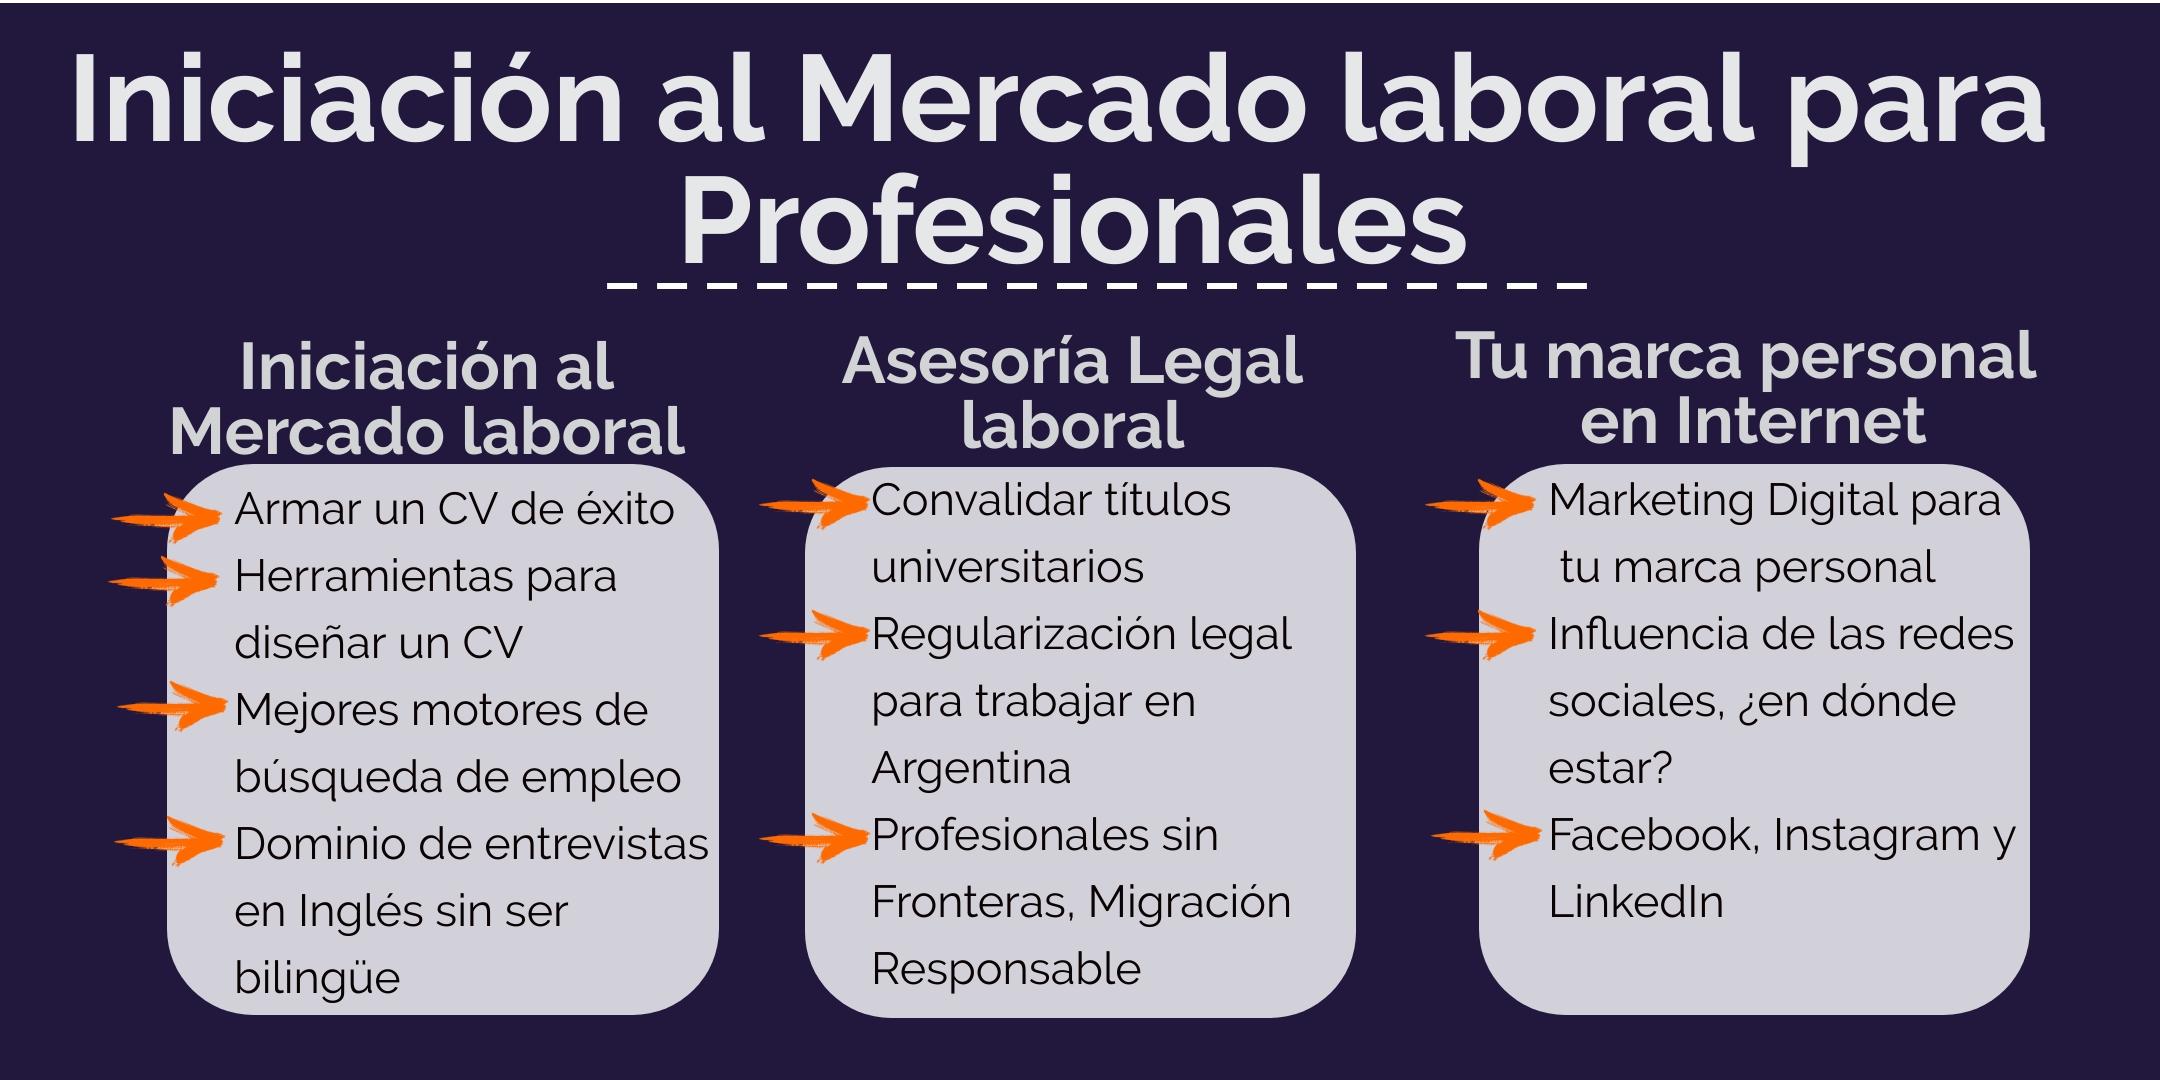 Iniciación al mercado laboral para profesionales